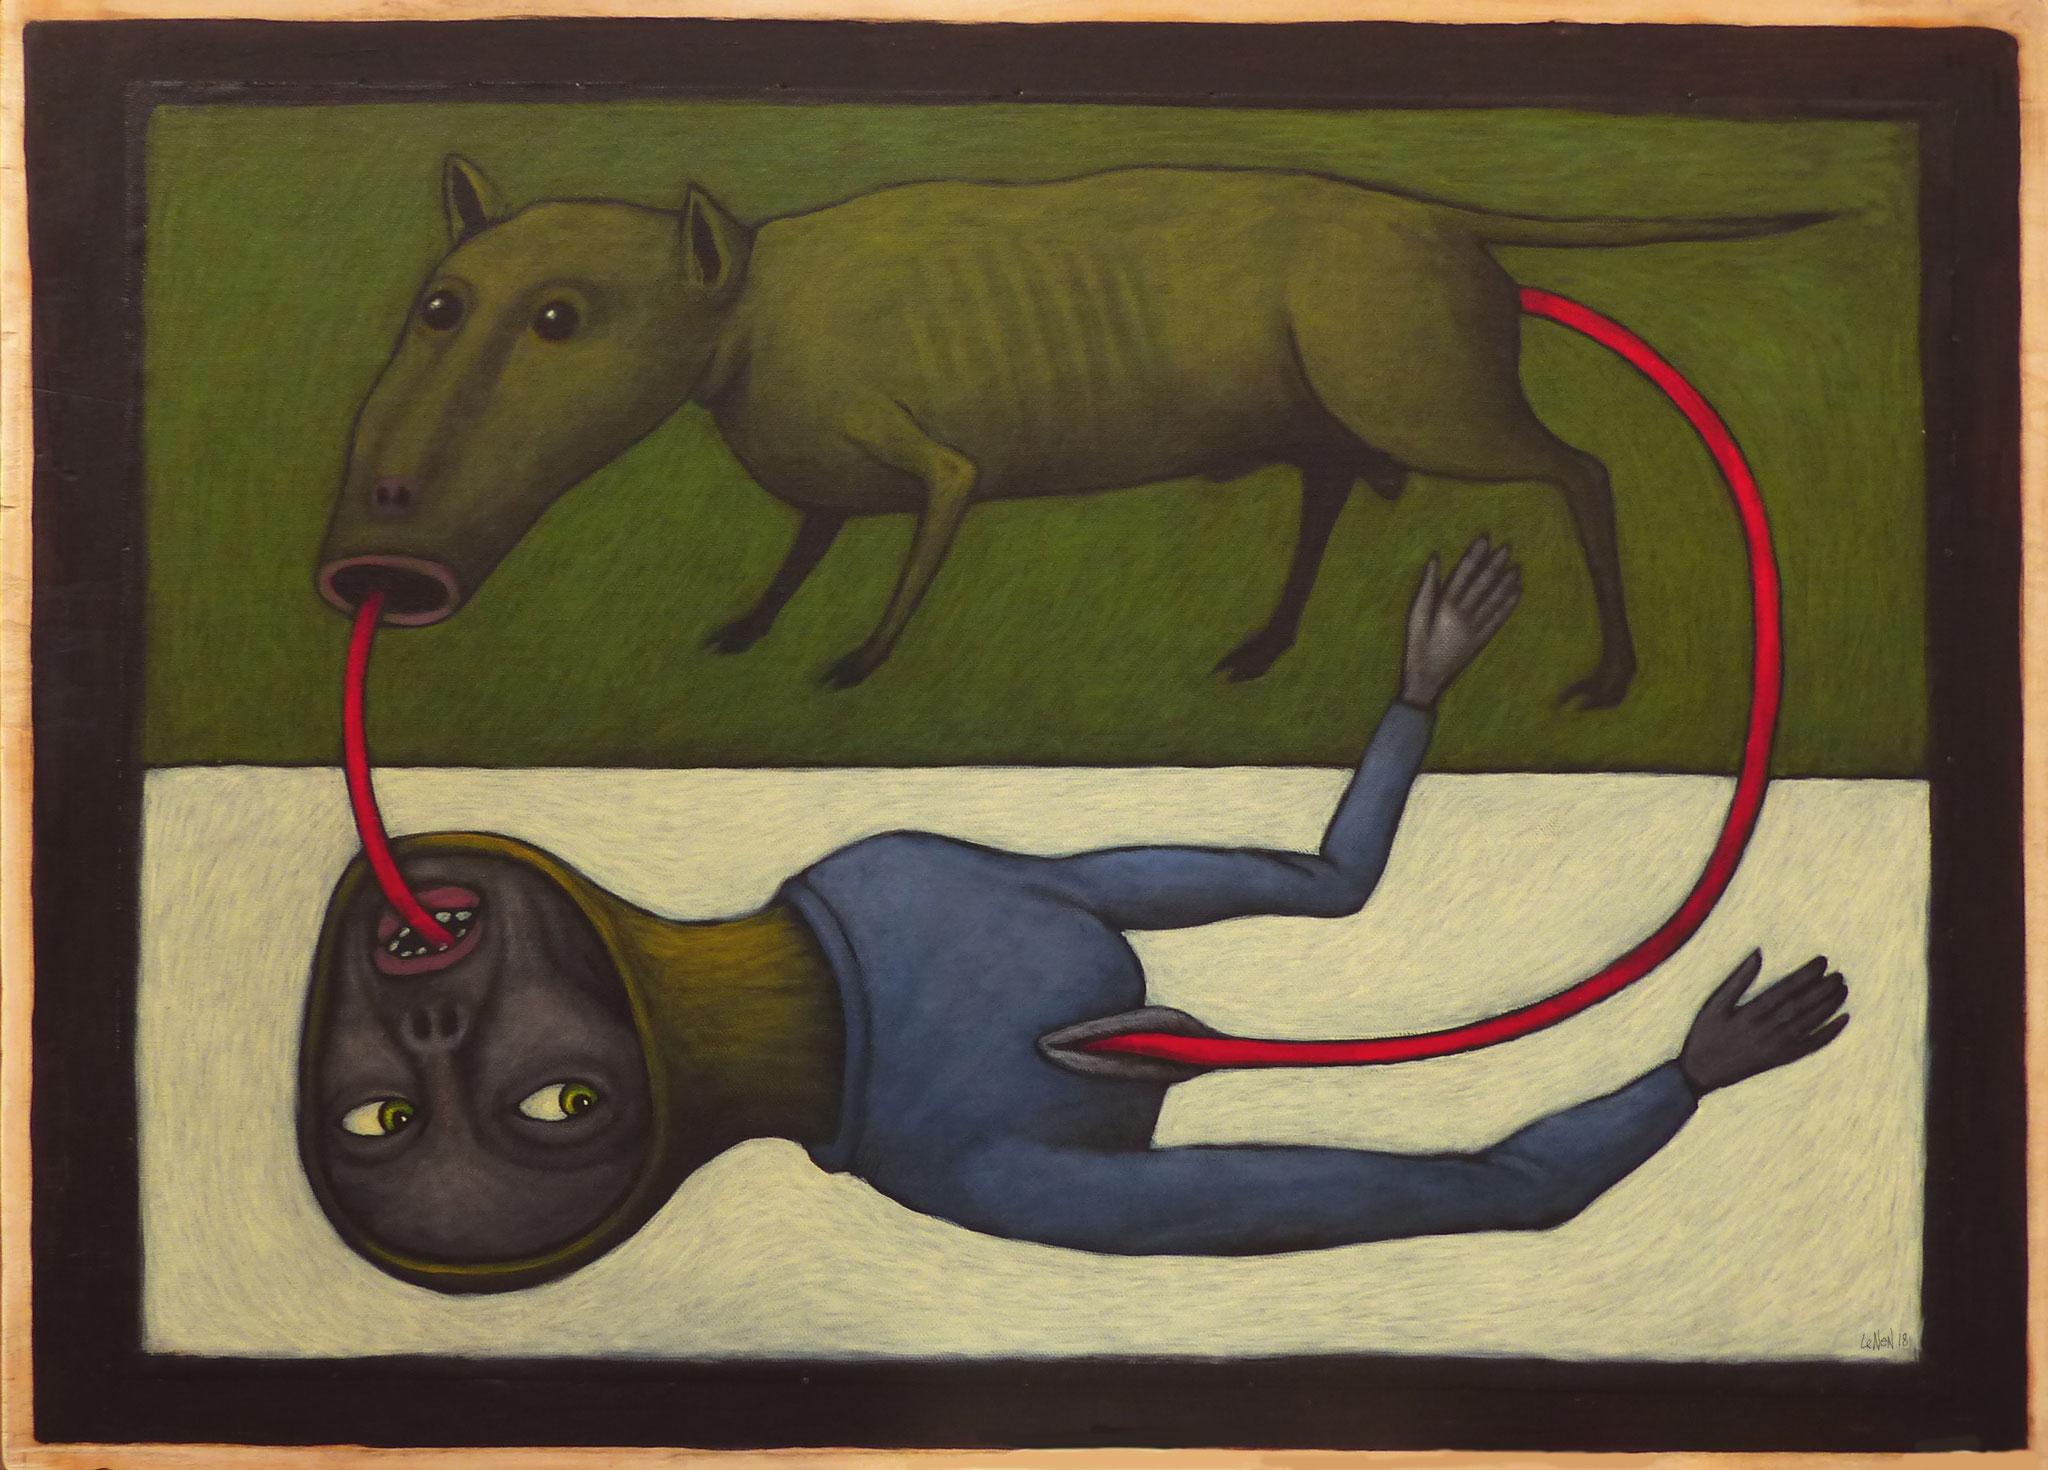 De l'un à l'autre - oeuvre de Bernard LENEN - acrylique sur toile - 2018.